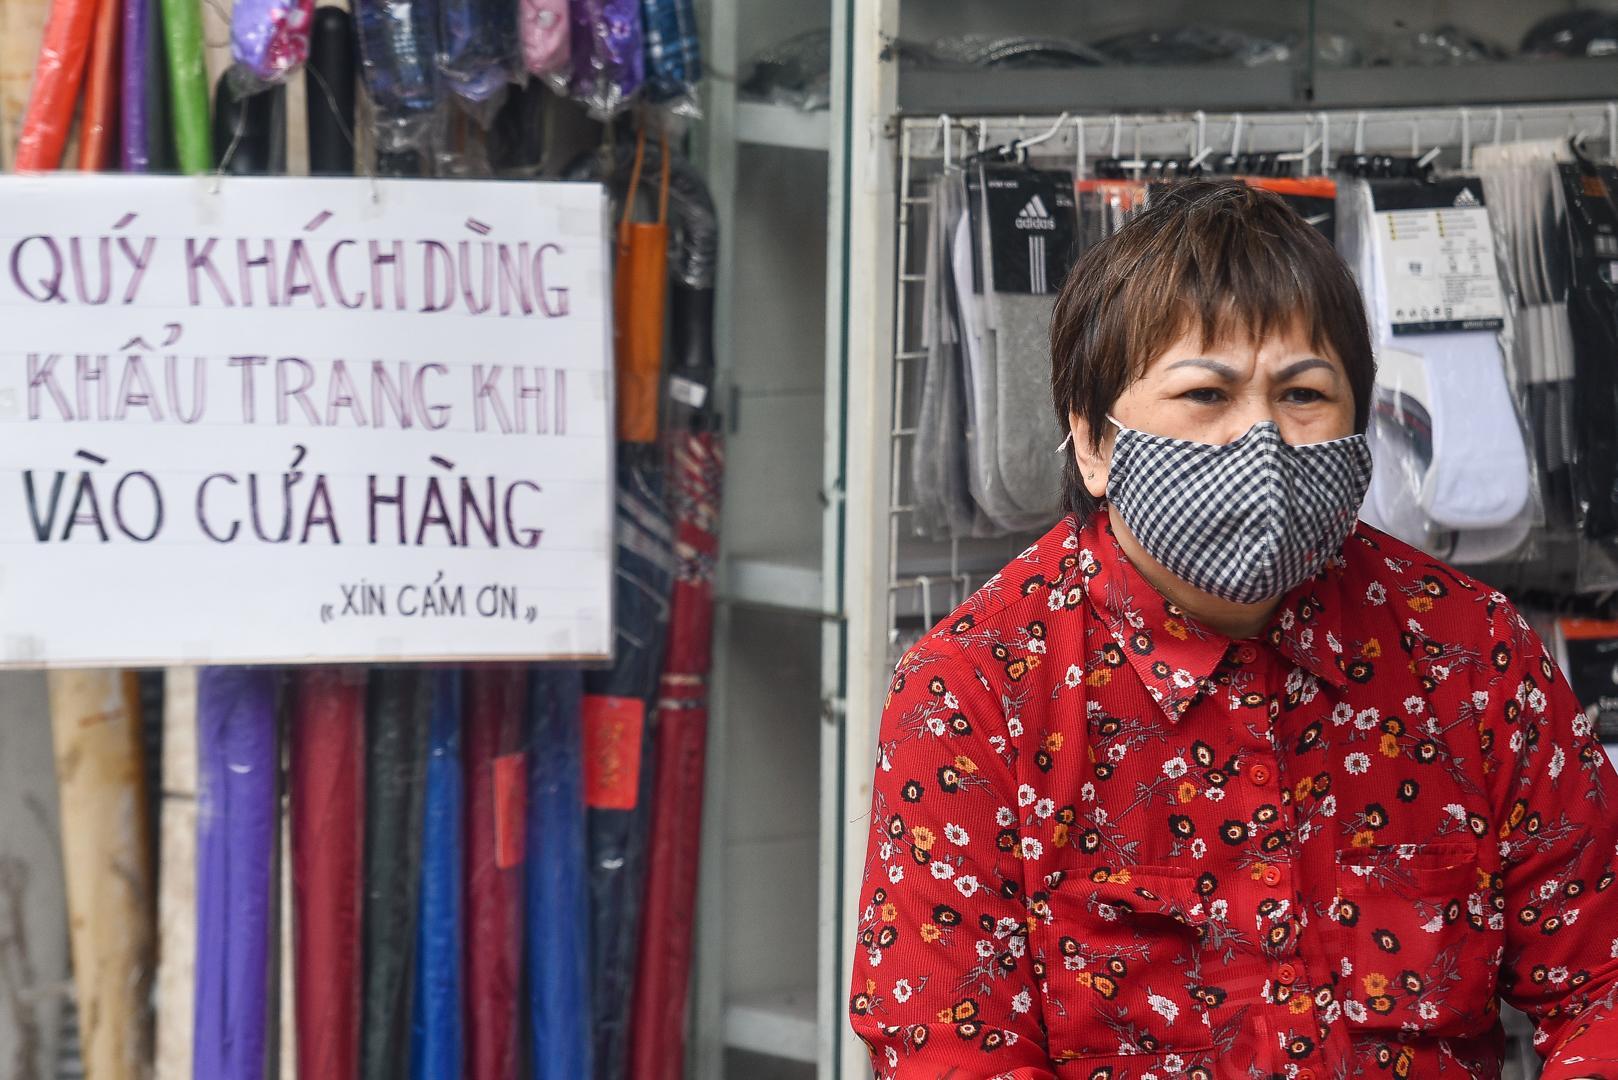 Nhịp sống tại Hà Nội dần trở lại sau nới lỏng cách ly xã hội Ảnh 7